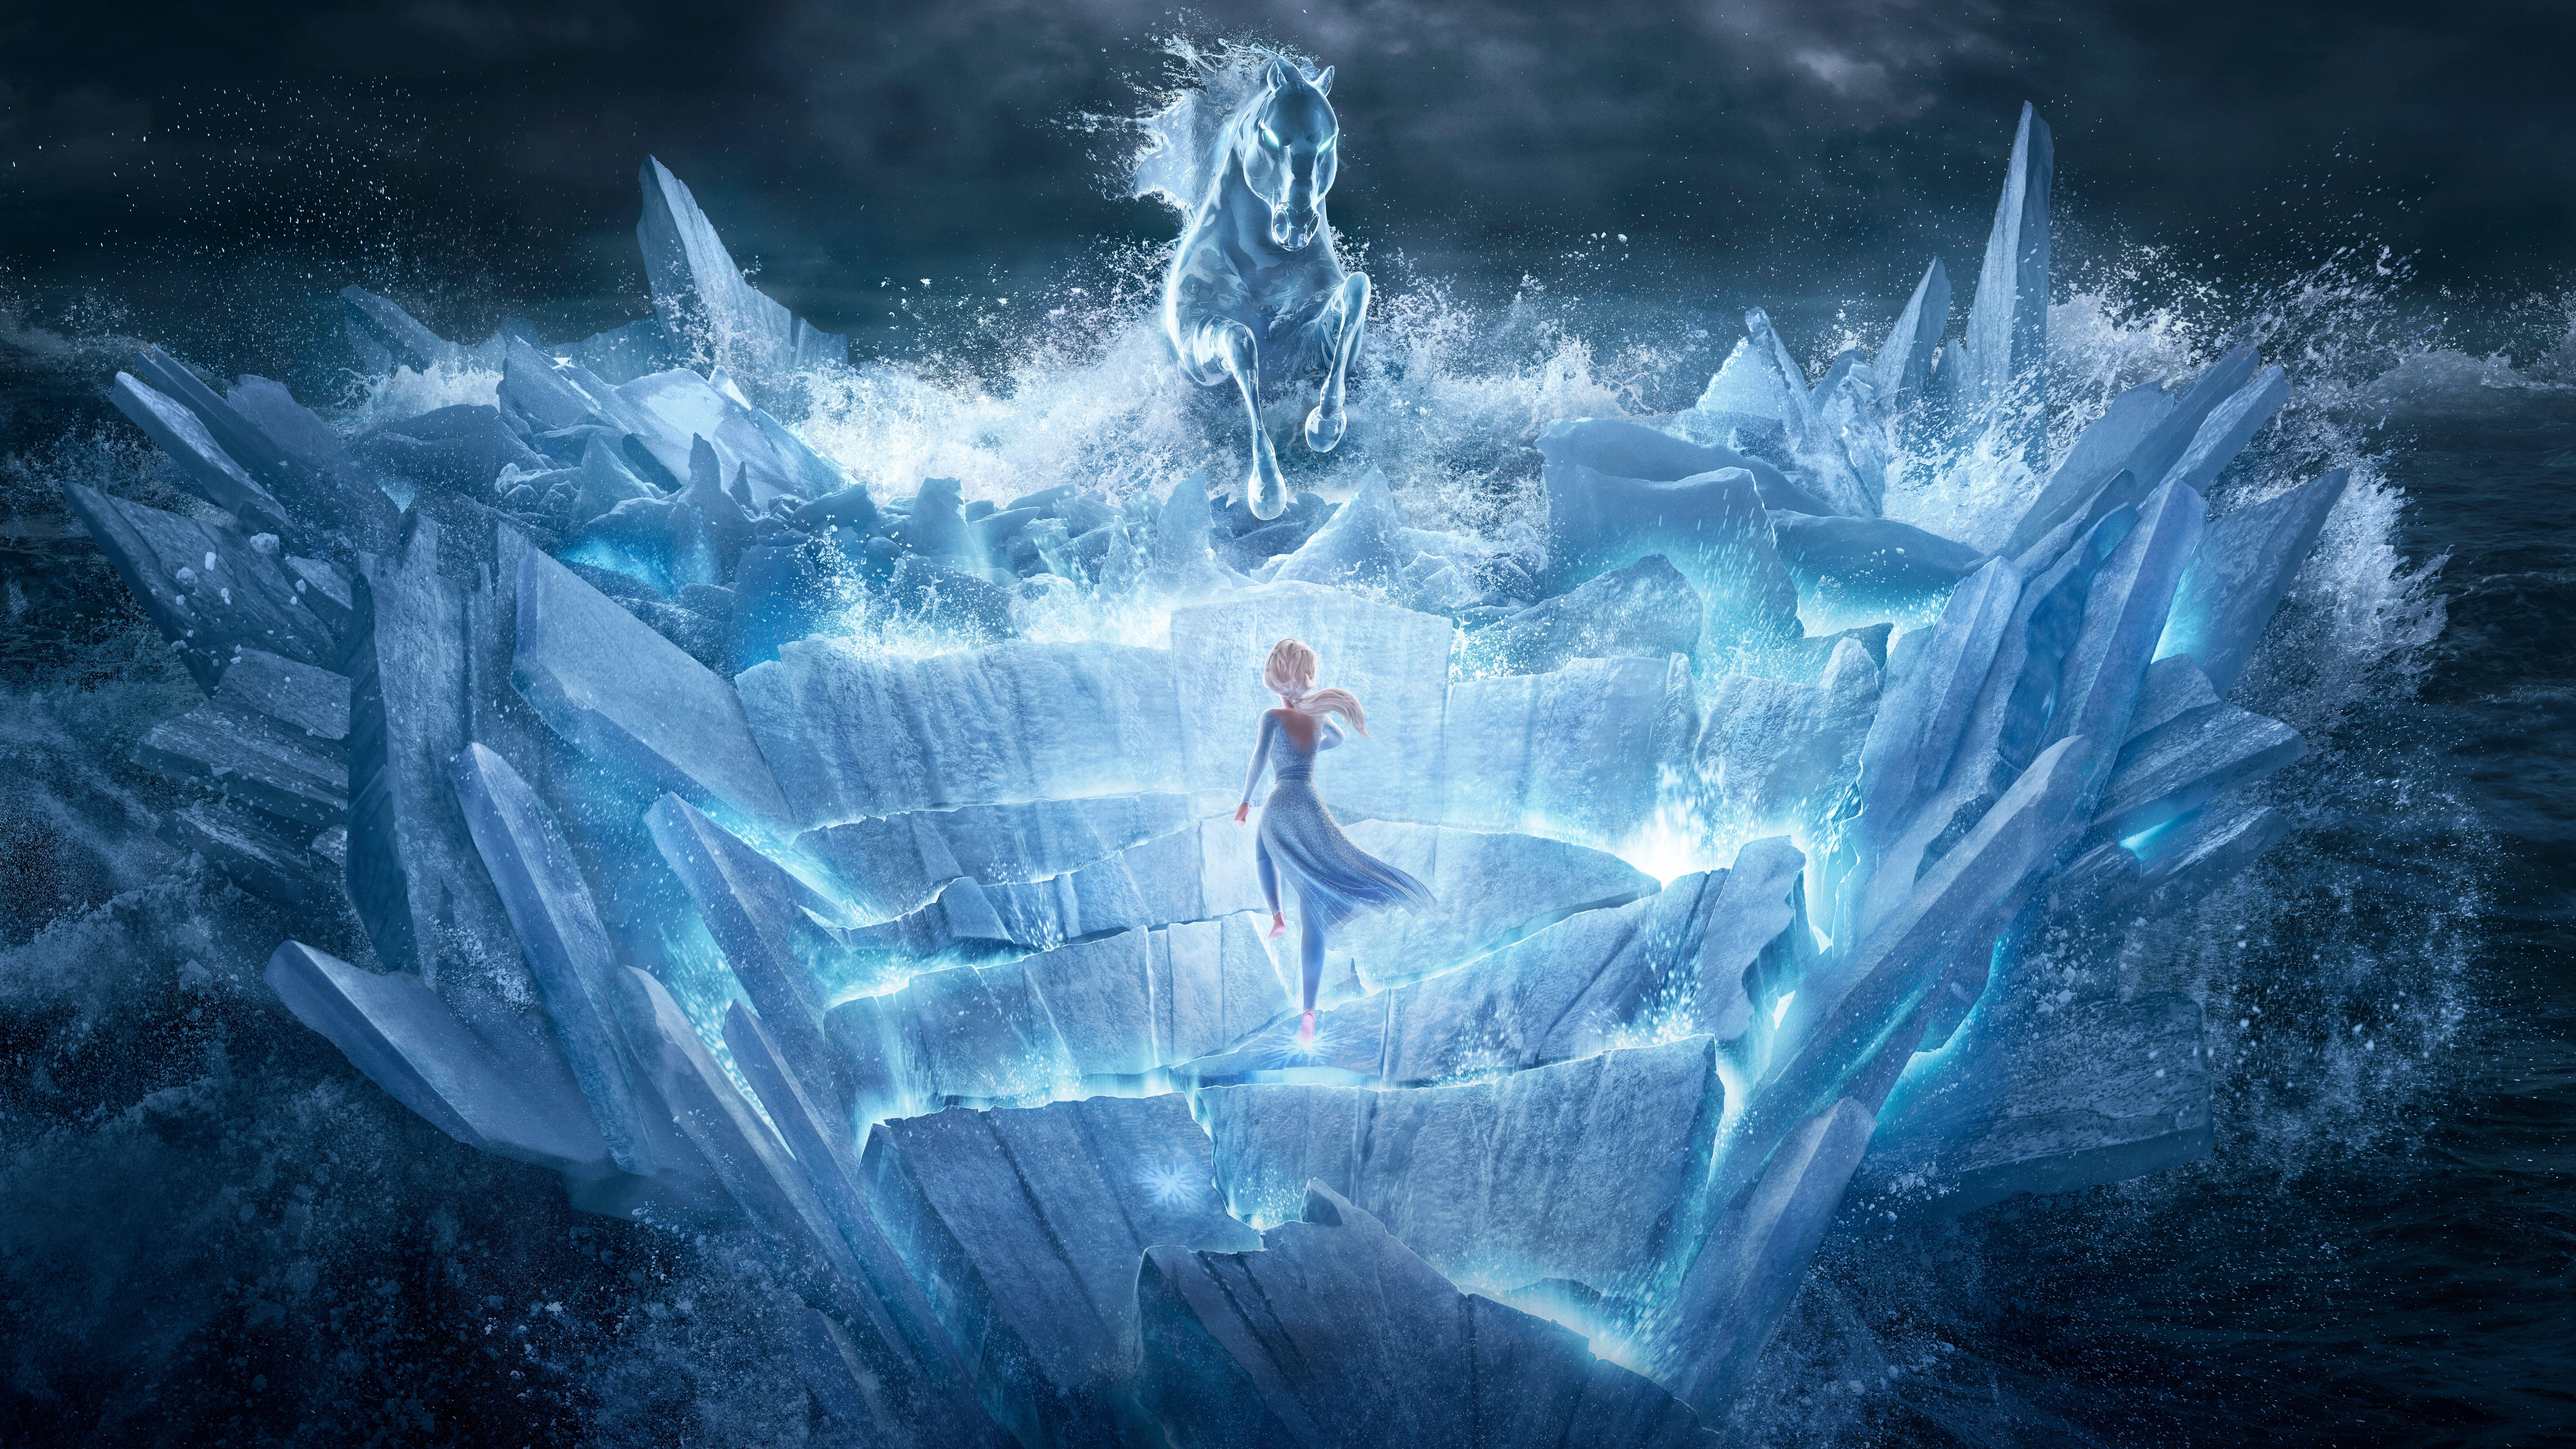 Elsa Frozen Google Search Disney Princess Wallpaper Frozen Wallpaper Disney Princess Images